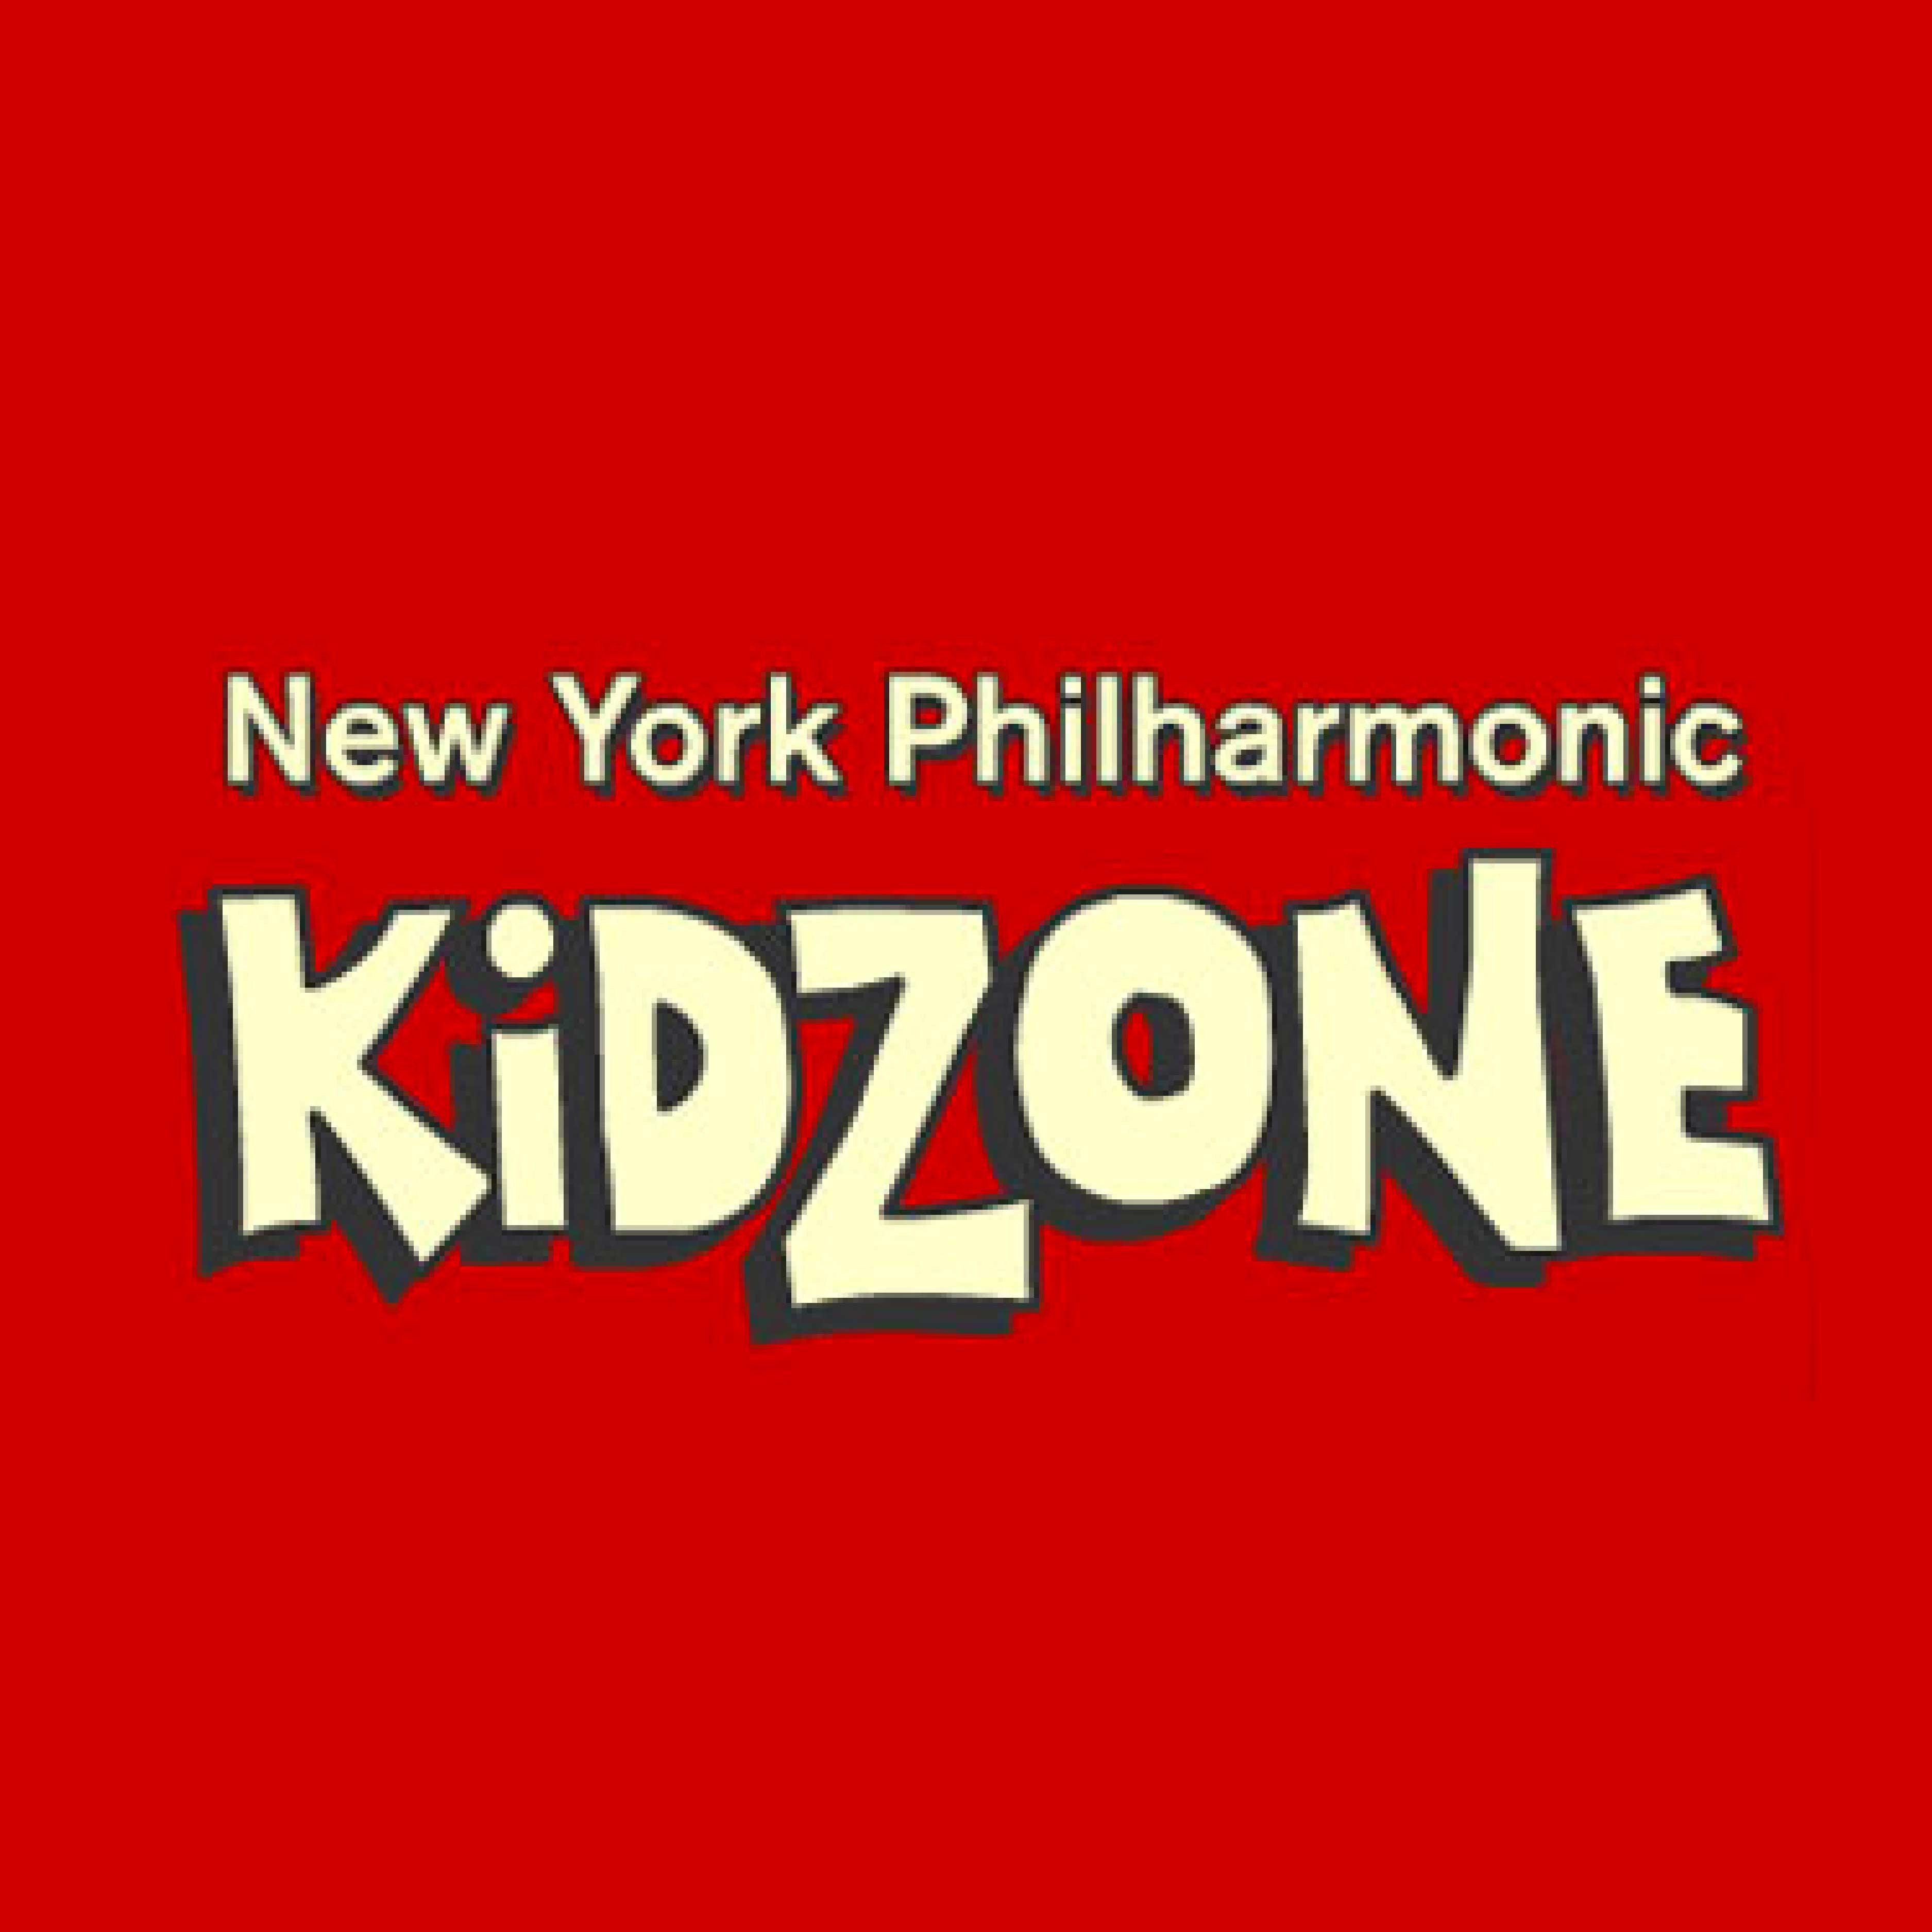 NYPhillharmonic-01.jpg